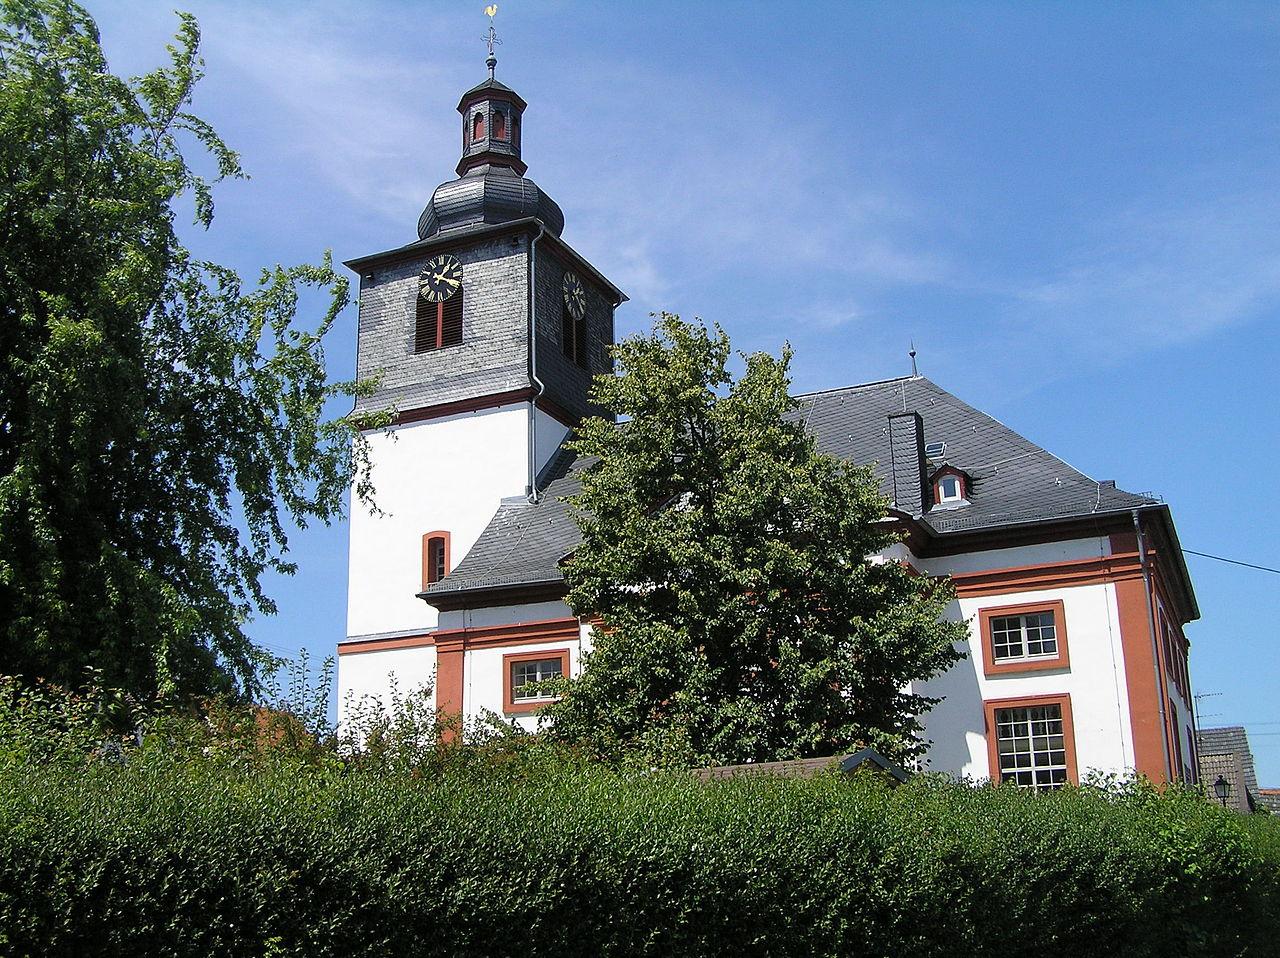 Bild Kirche Idstein Heftrich